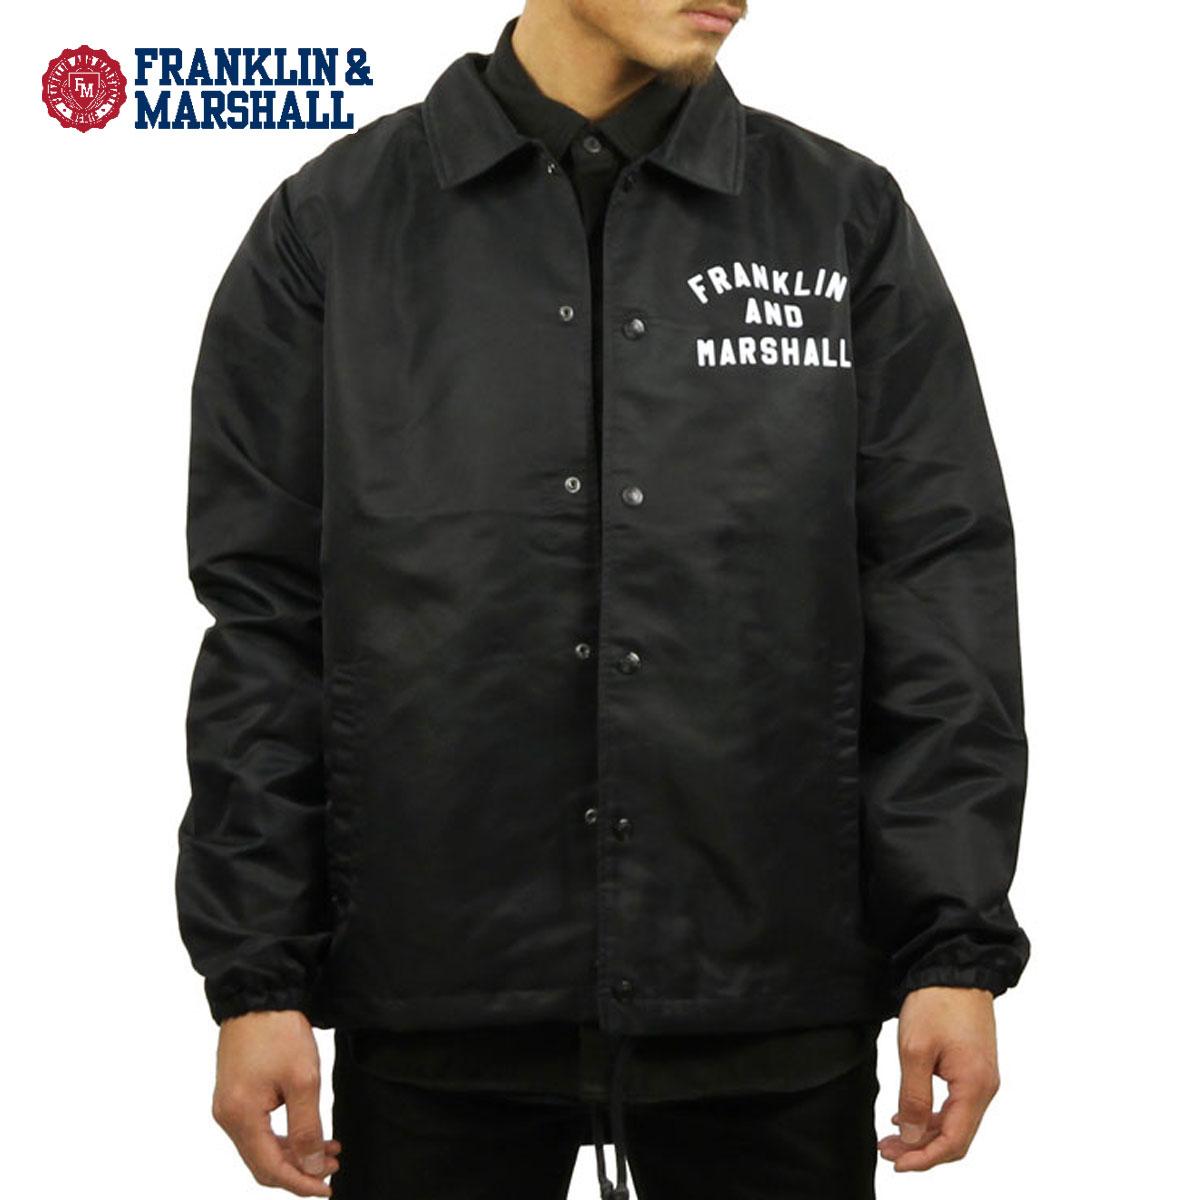 フランクリン マーシャル FRANKLIN&MARSHALL 正規販売店 メンズ ジャケット COACH JACKET BLACK JKMF015AN 5008 0021